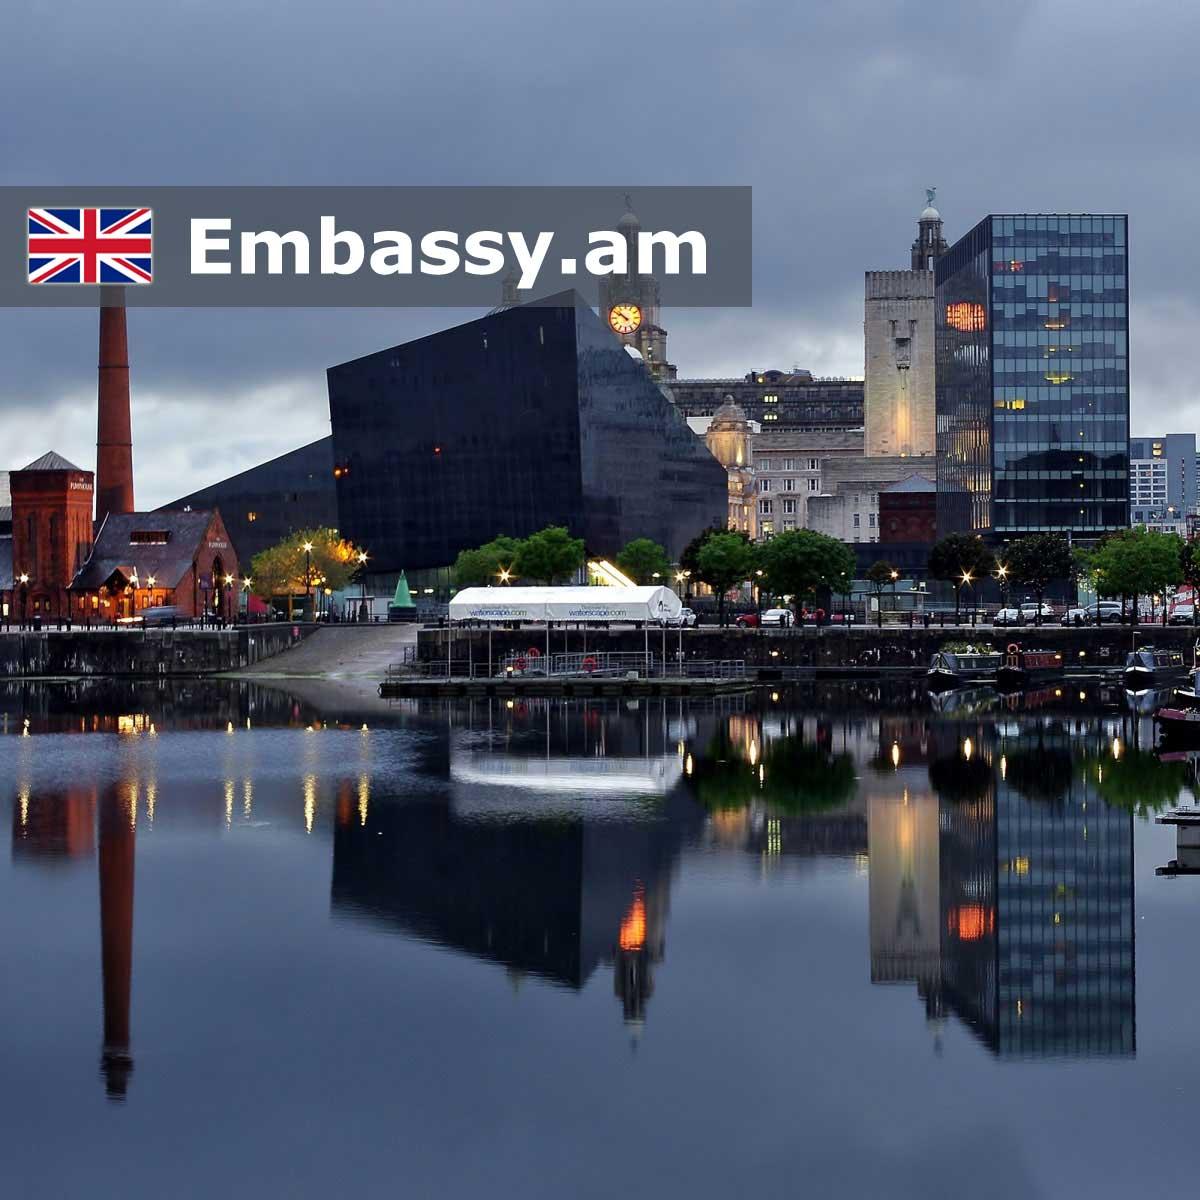 Լիվերպուլ - Հյուրանոցներ Միացյալ Թագավորությունում - Embassy.am